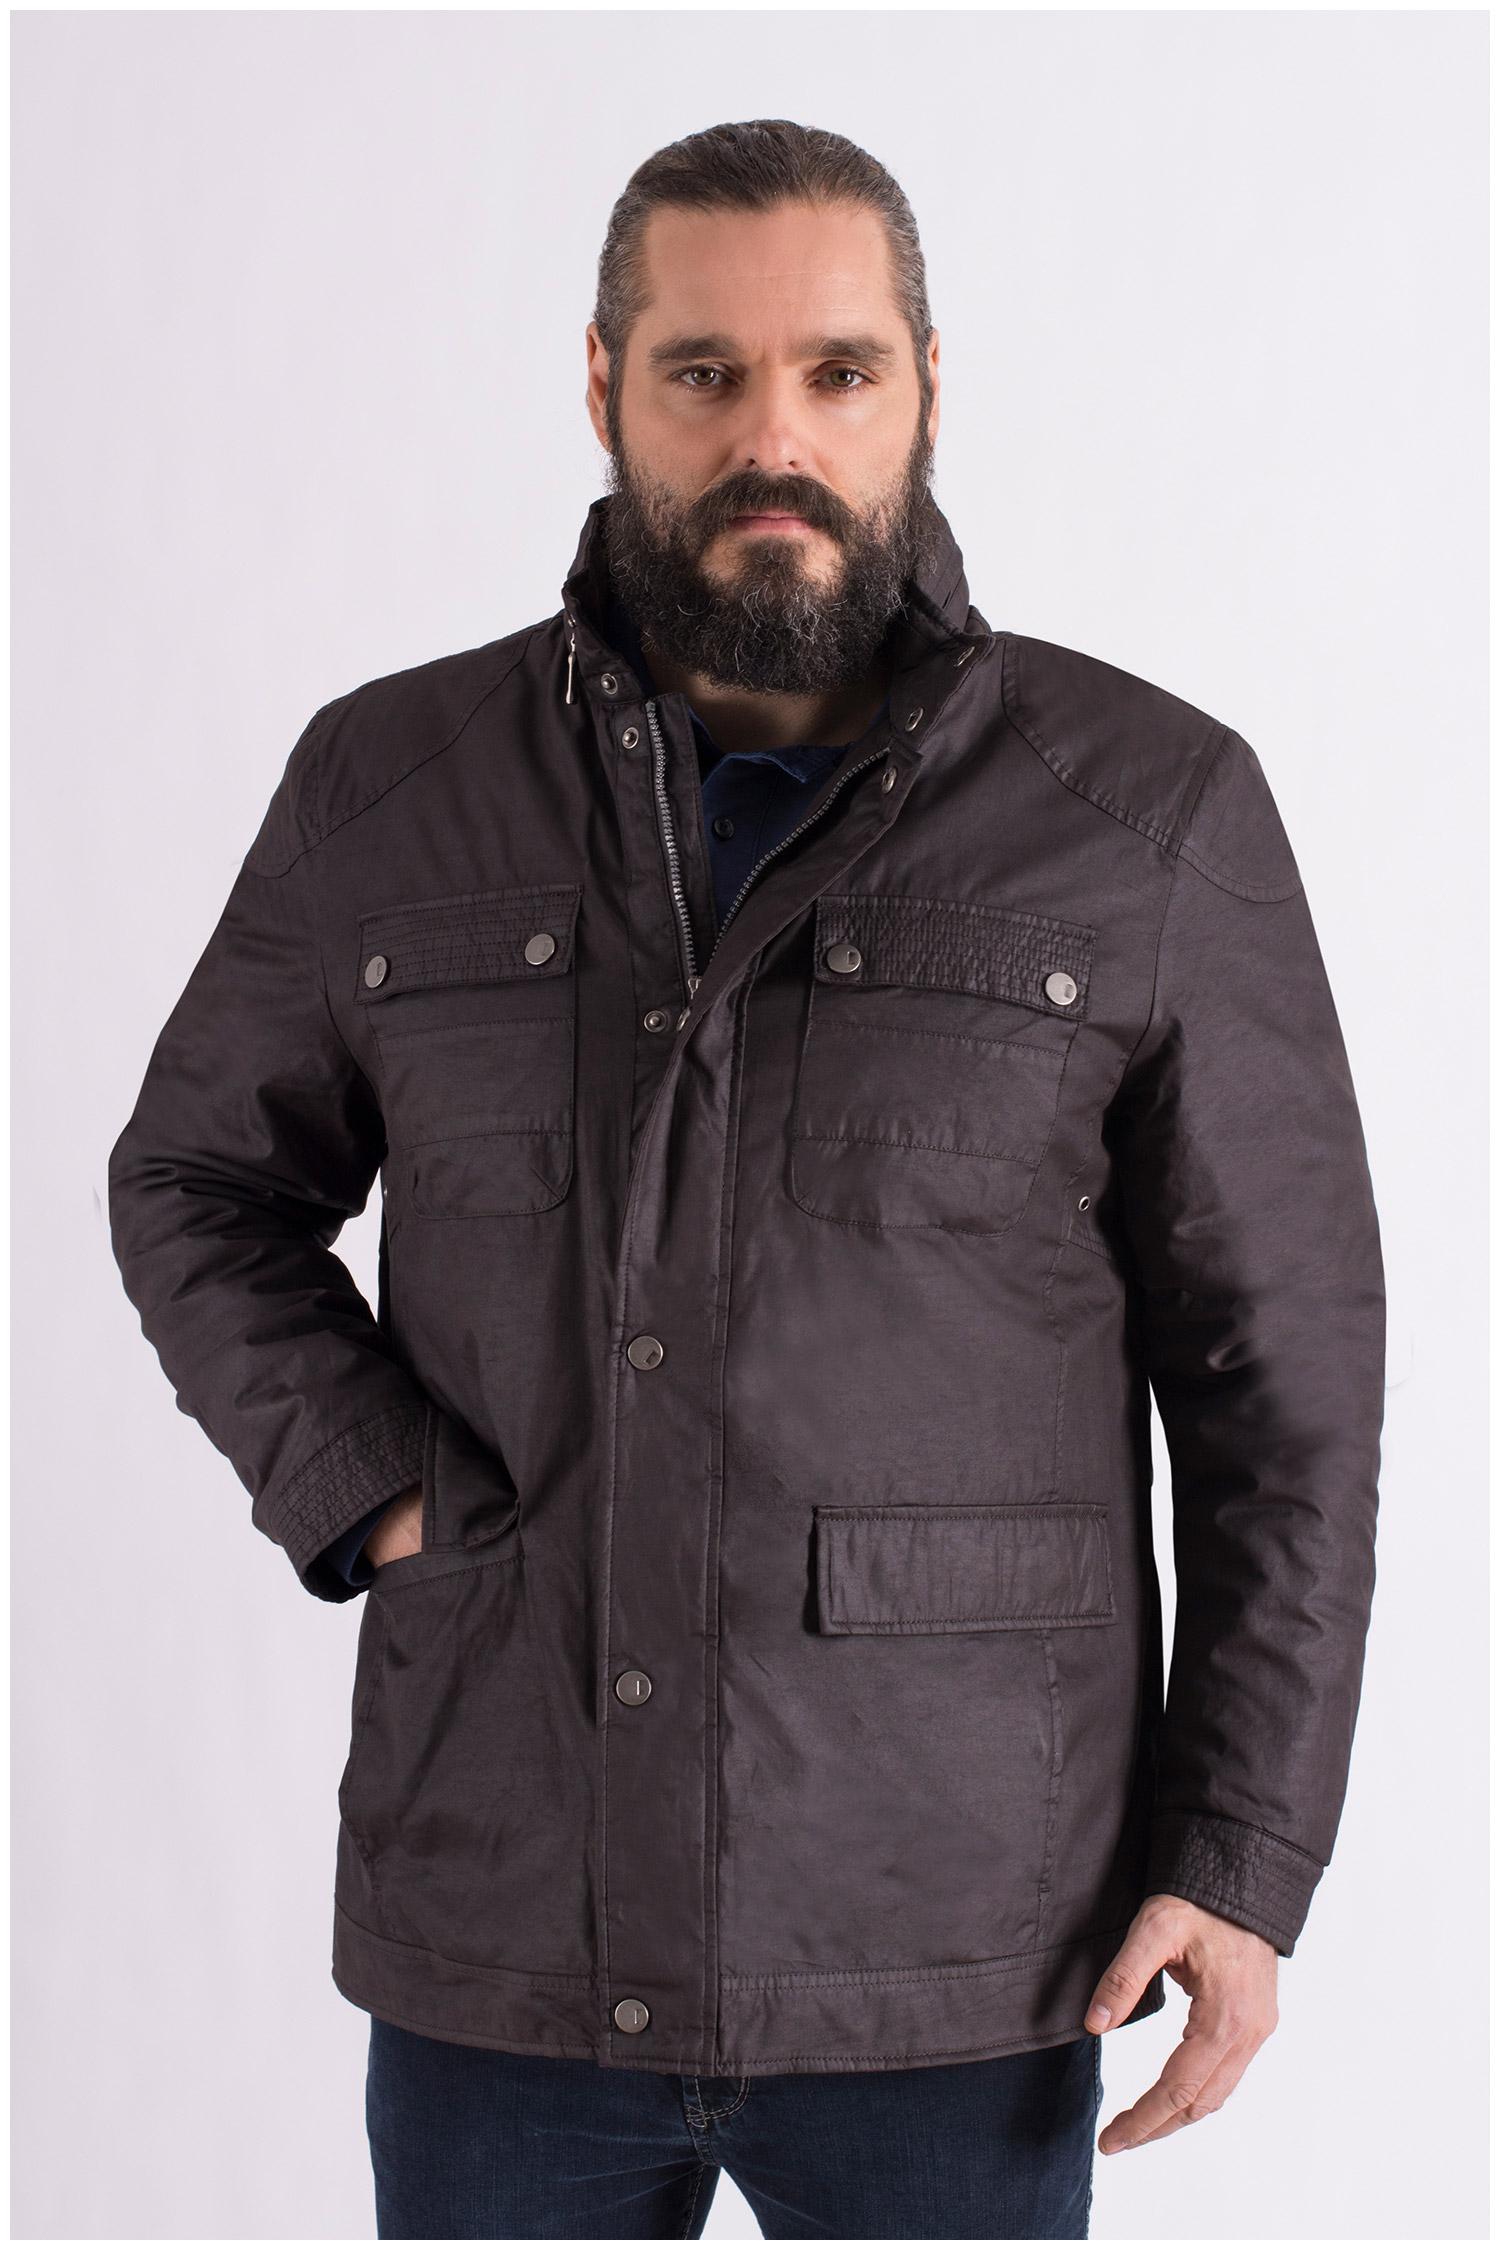 Abrigo, Chaquetones y Piel, 108746, MARRON   Zoom